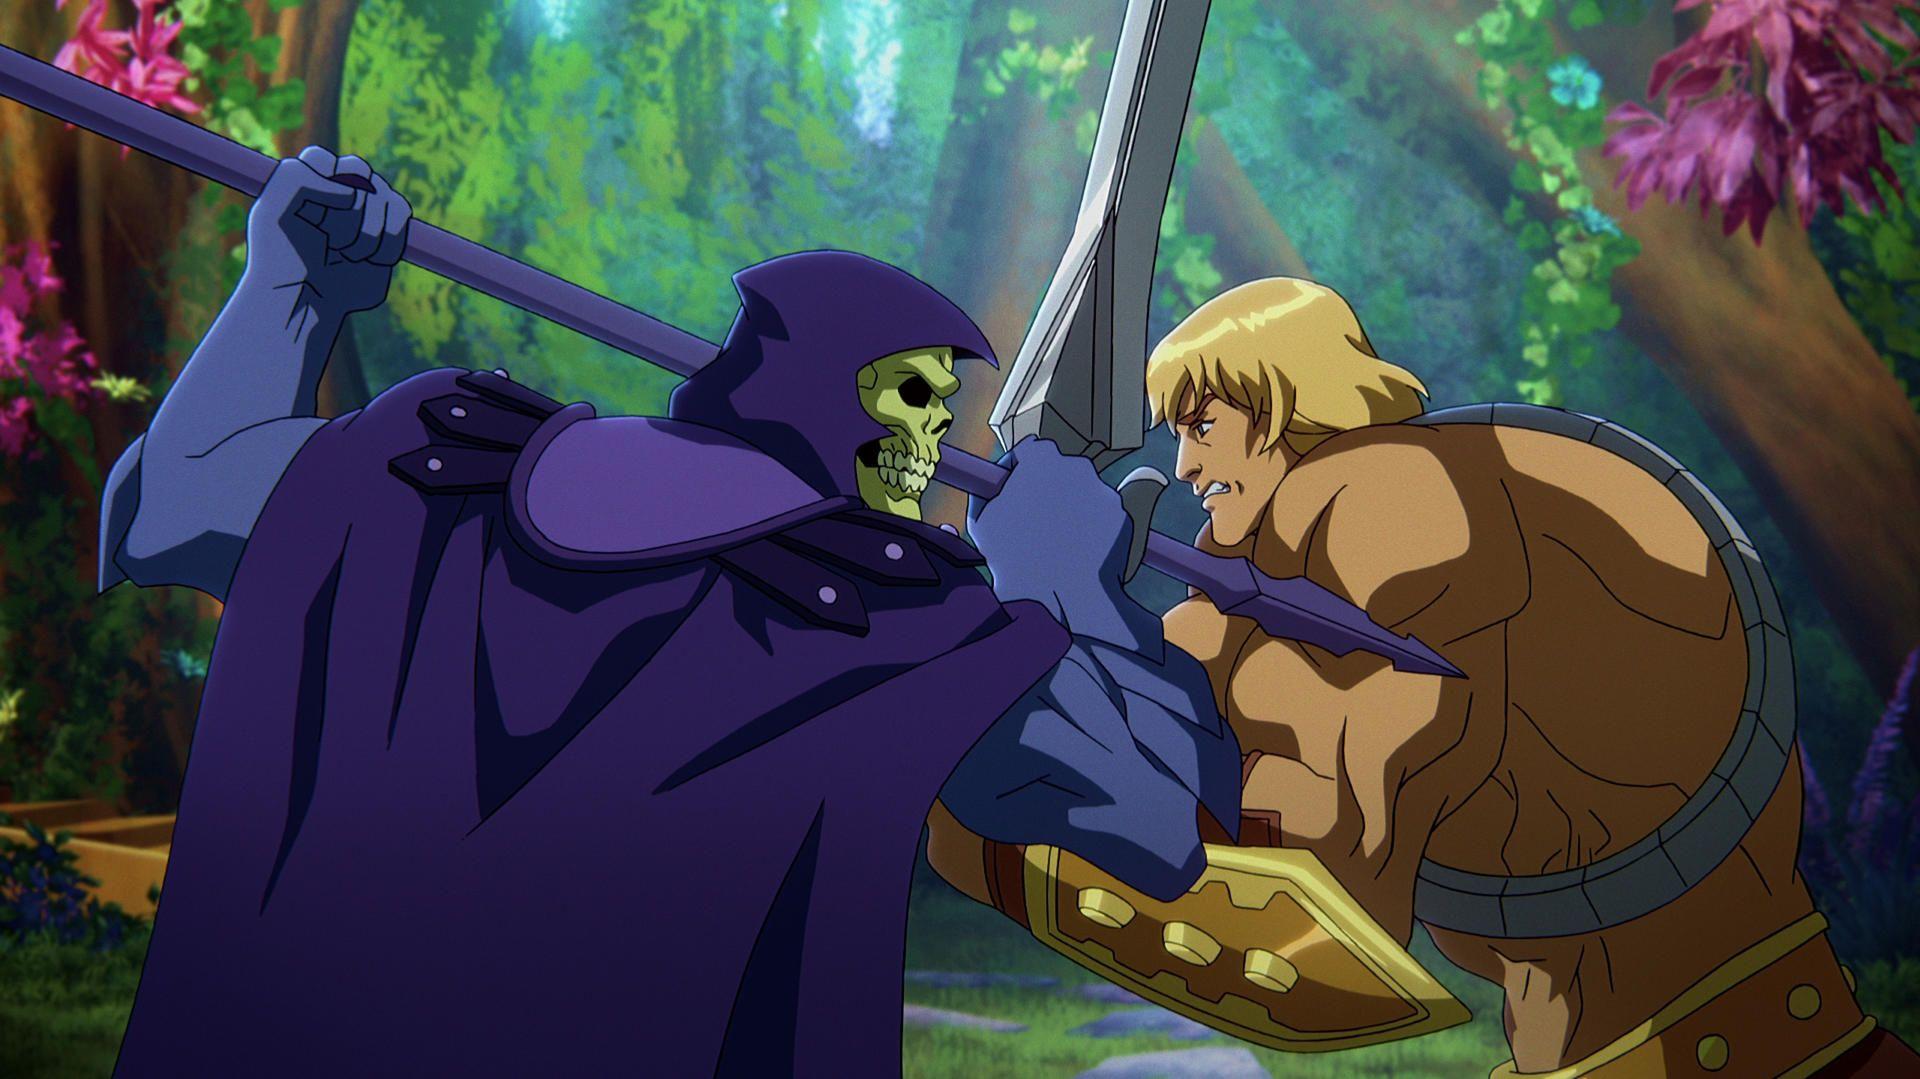 Mestres do Universo: Imagens de análise inicial revelam He-Man e Skeletor 10